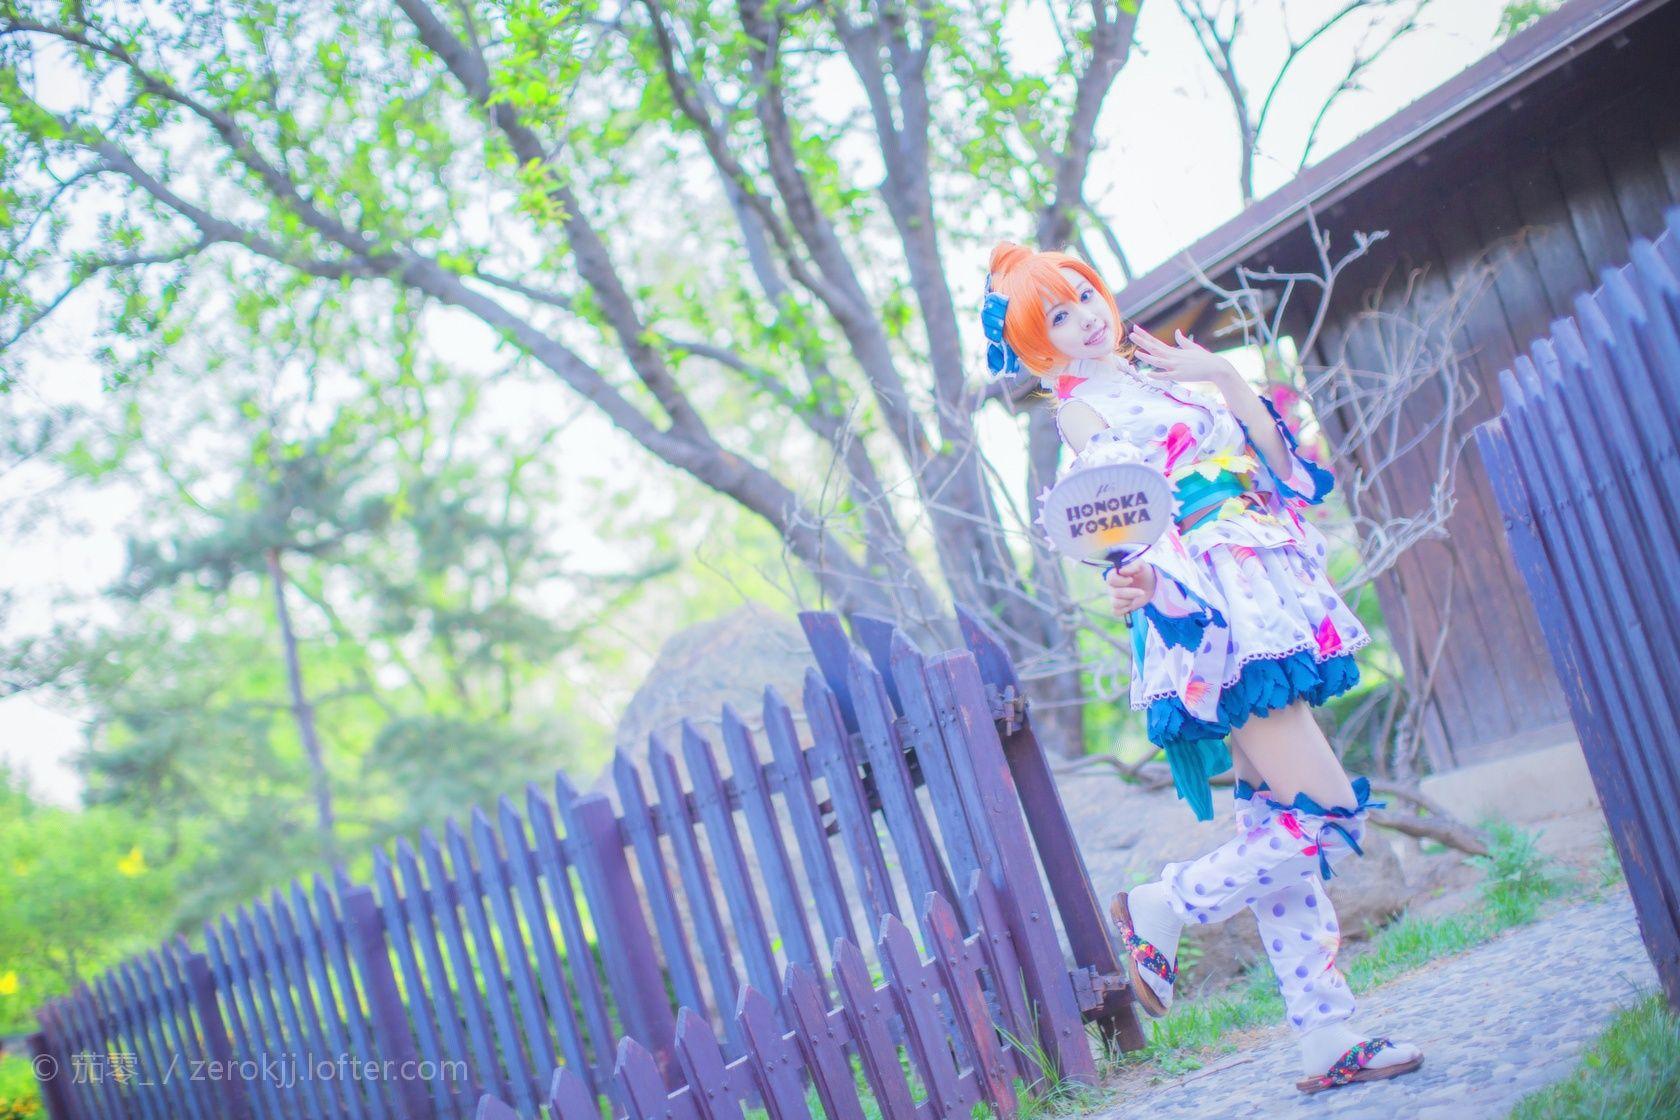 QieLing(茄零) Honoka Kosaka Cosplay Photo - WorldCosplay